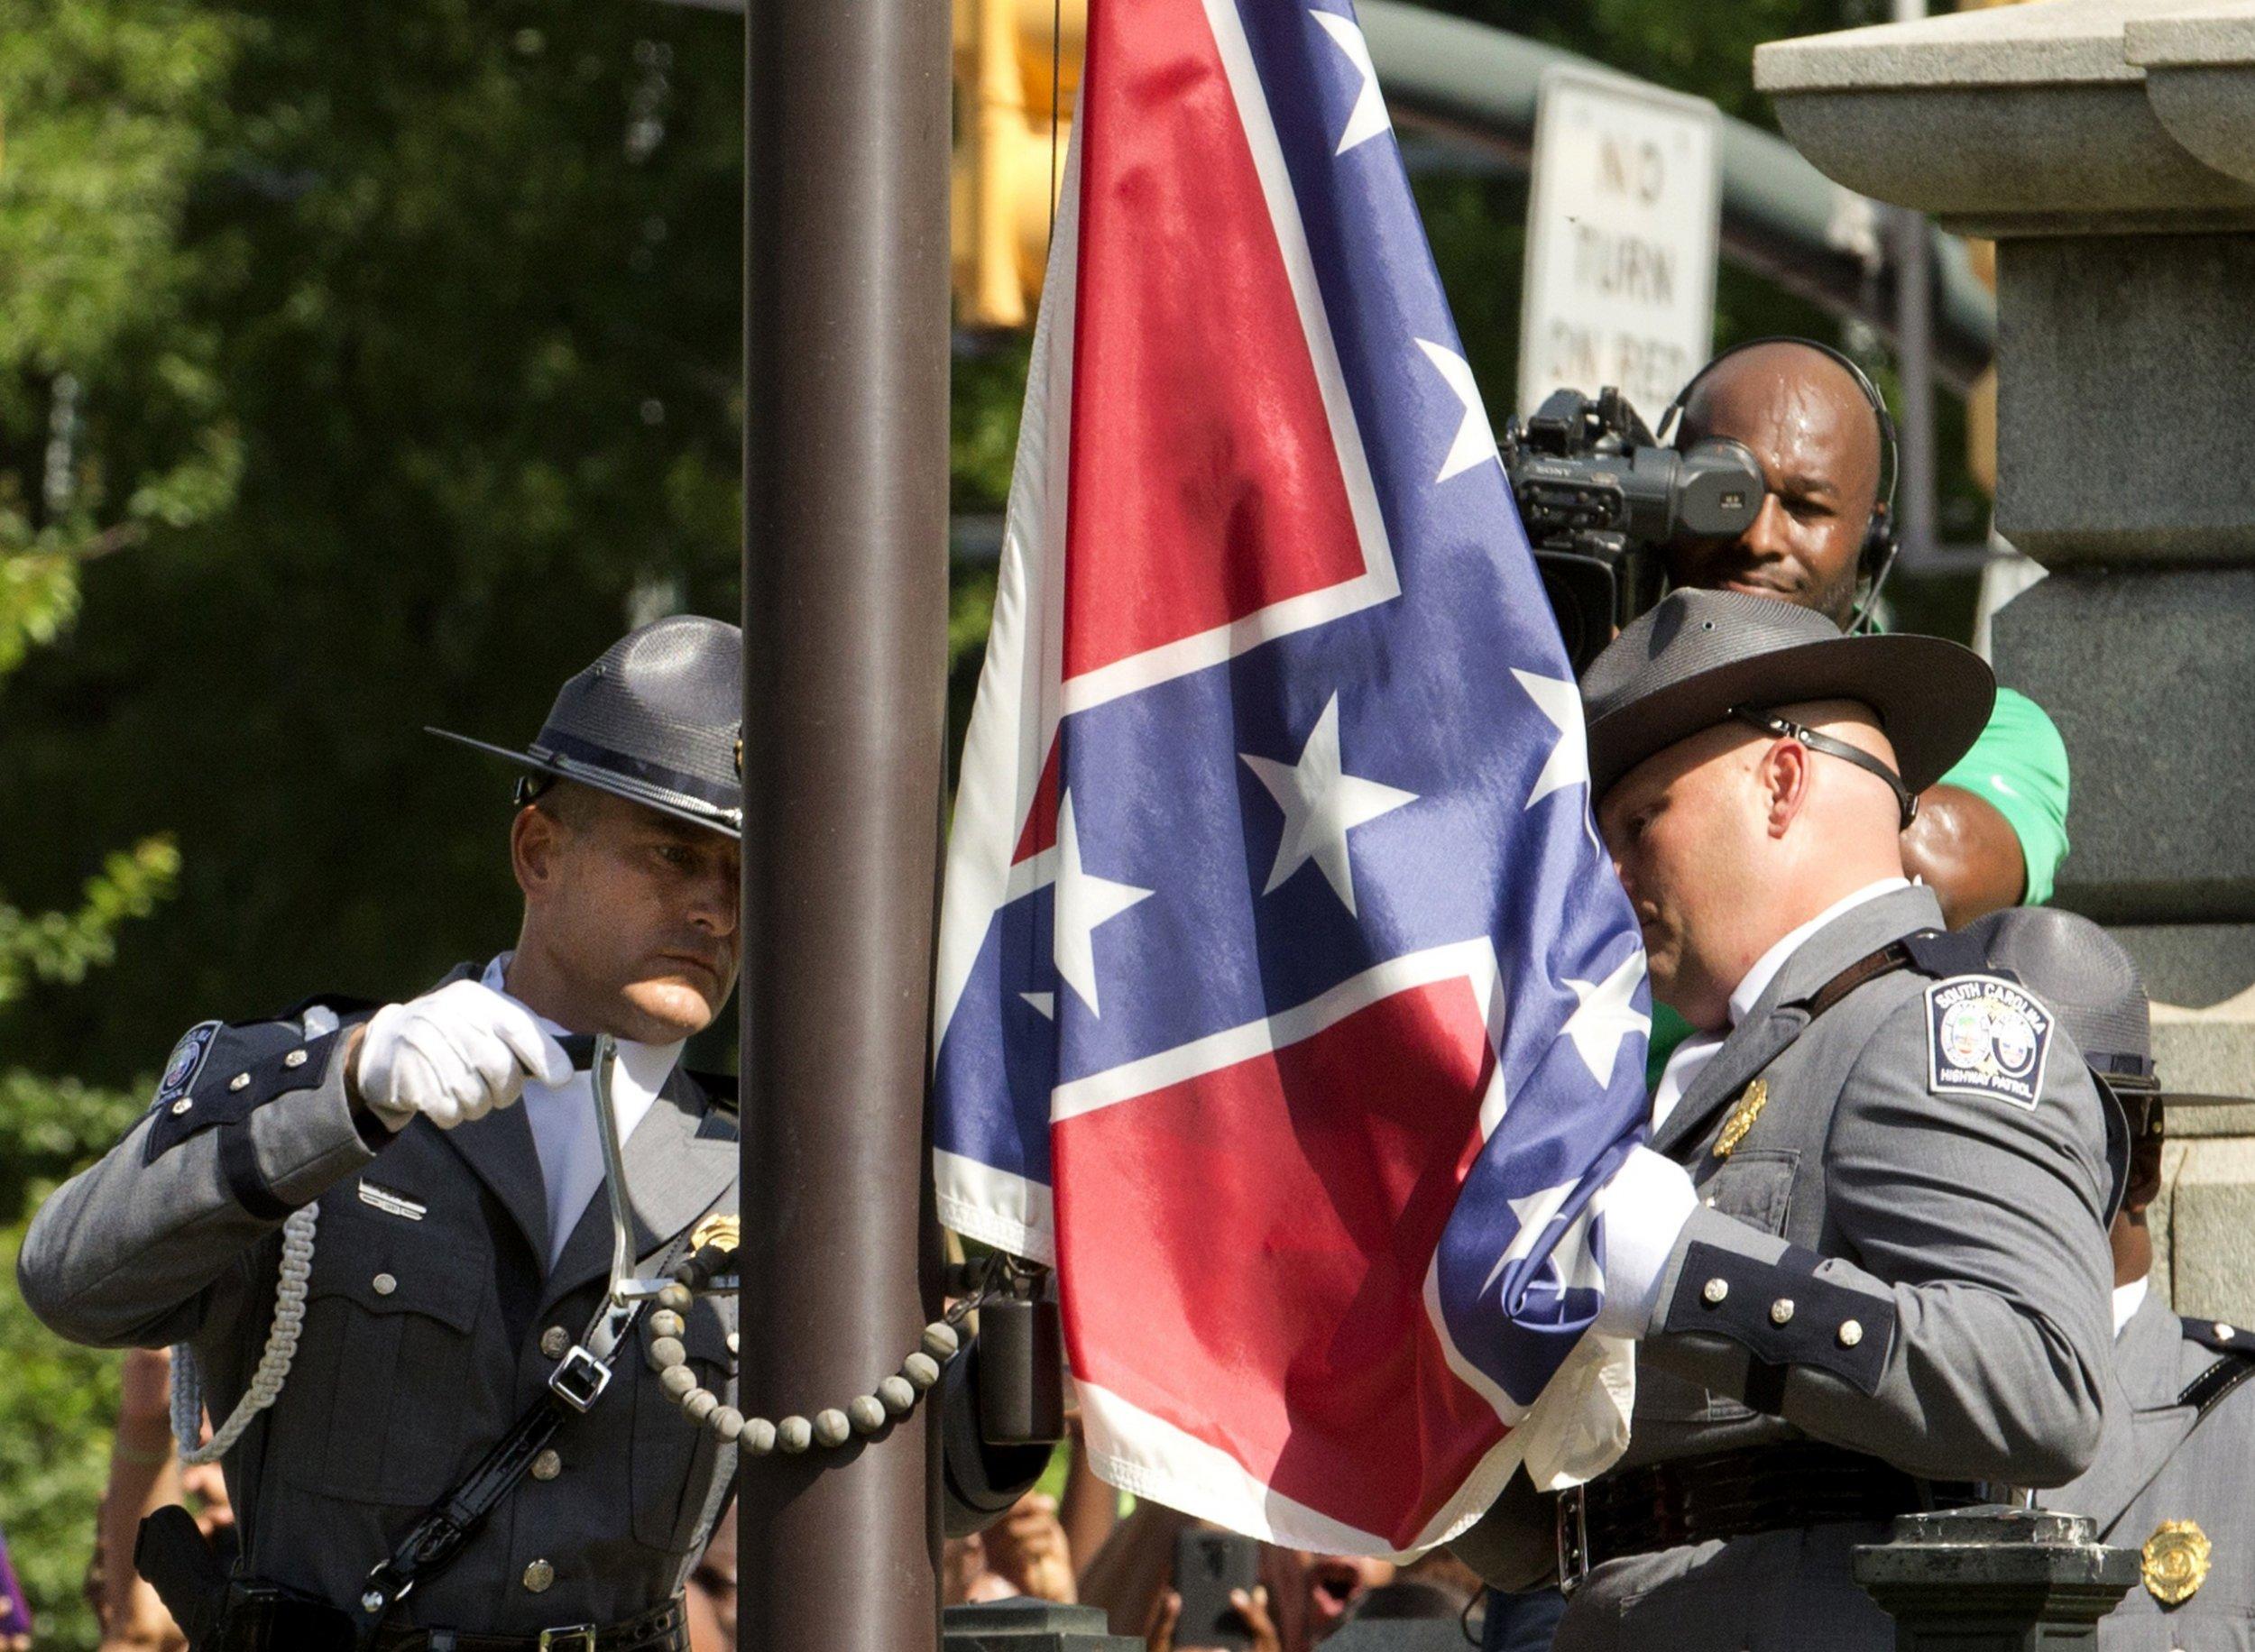 Carolina'daki parlamento binasının önünde bulunan konfederasyon bayrağı, 10 Temmuz'da kalıcı olarak indirildi